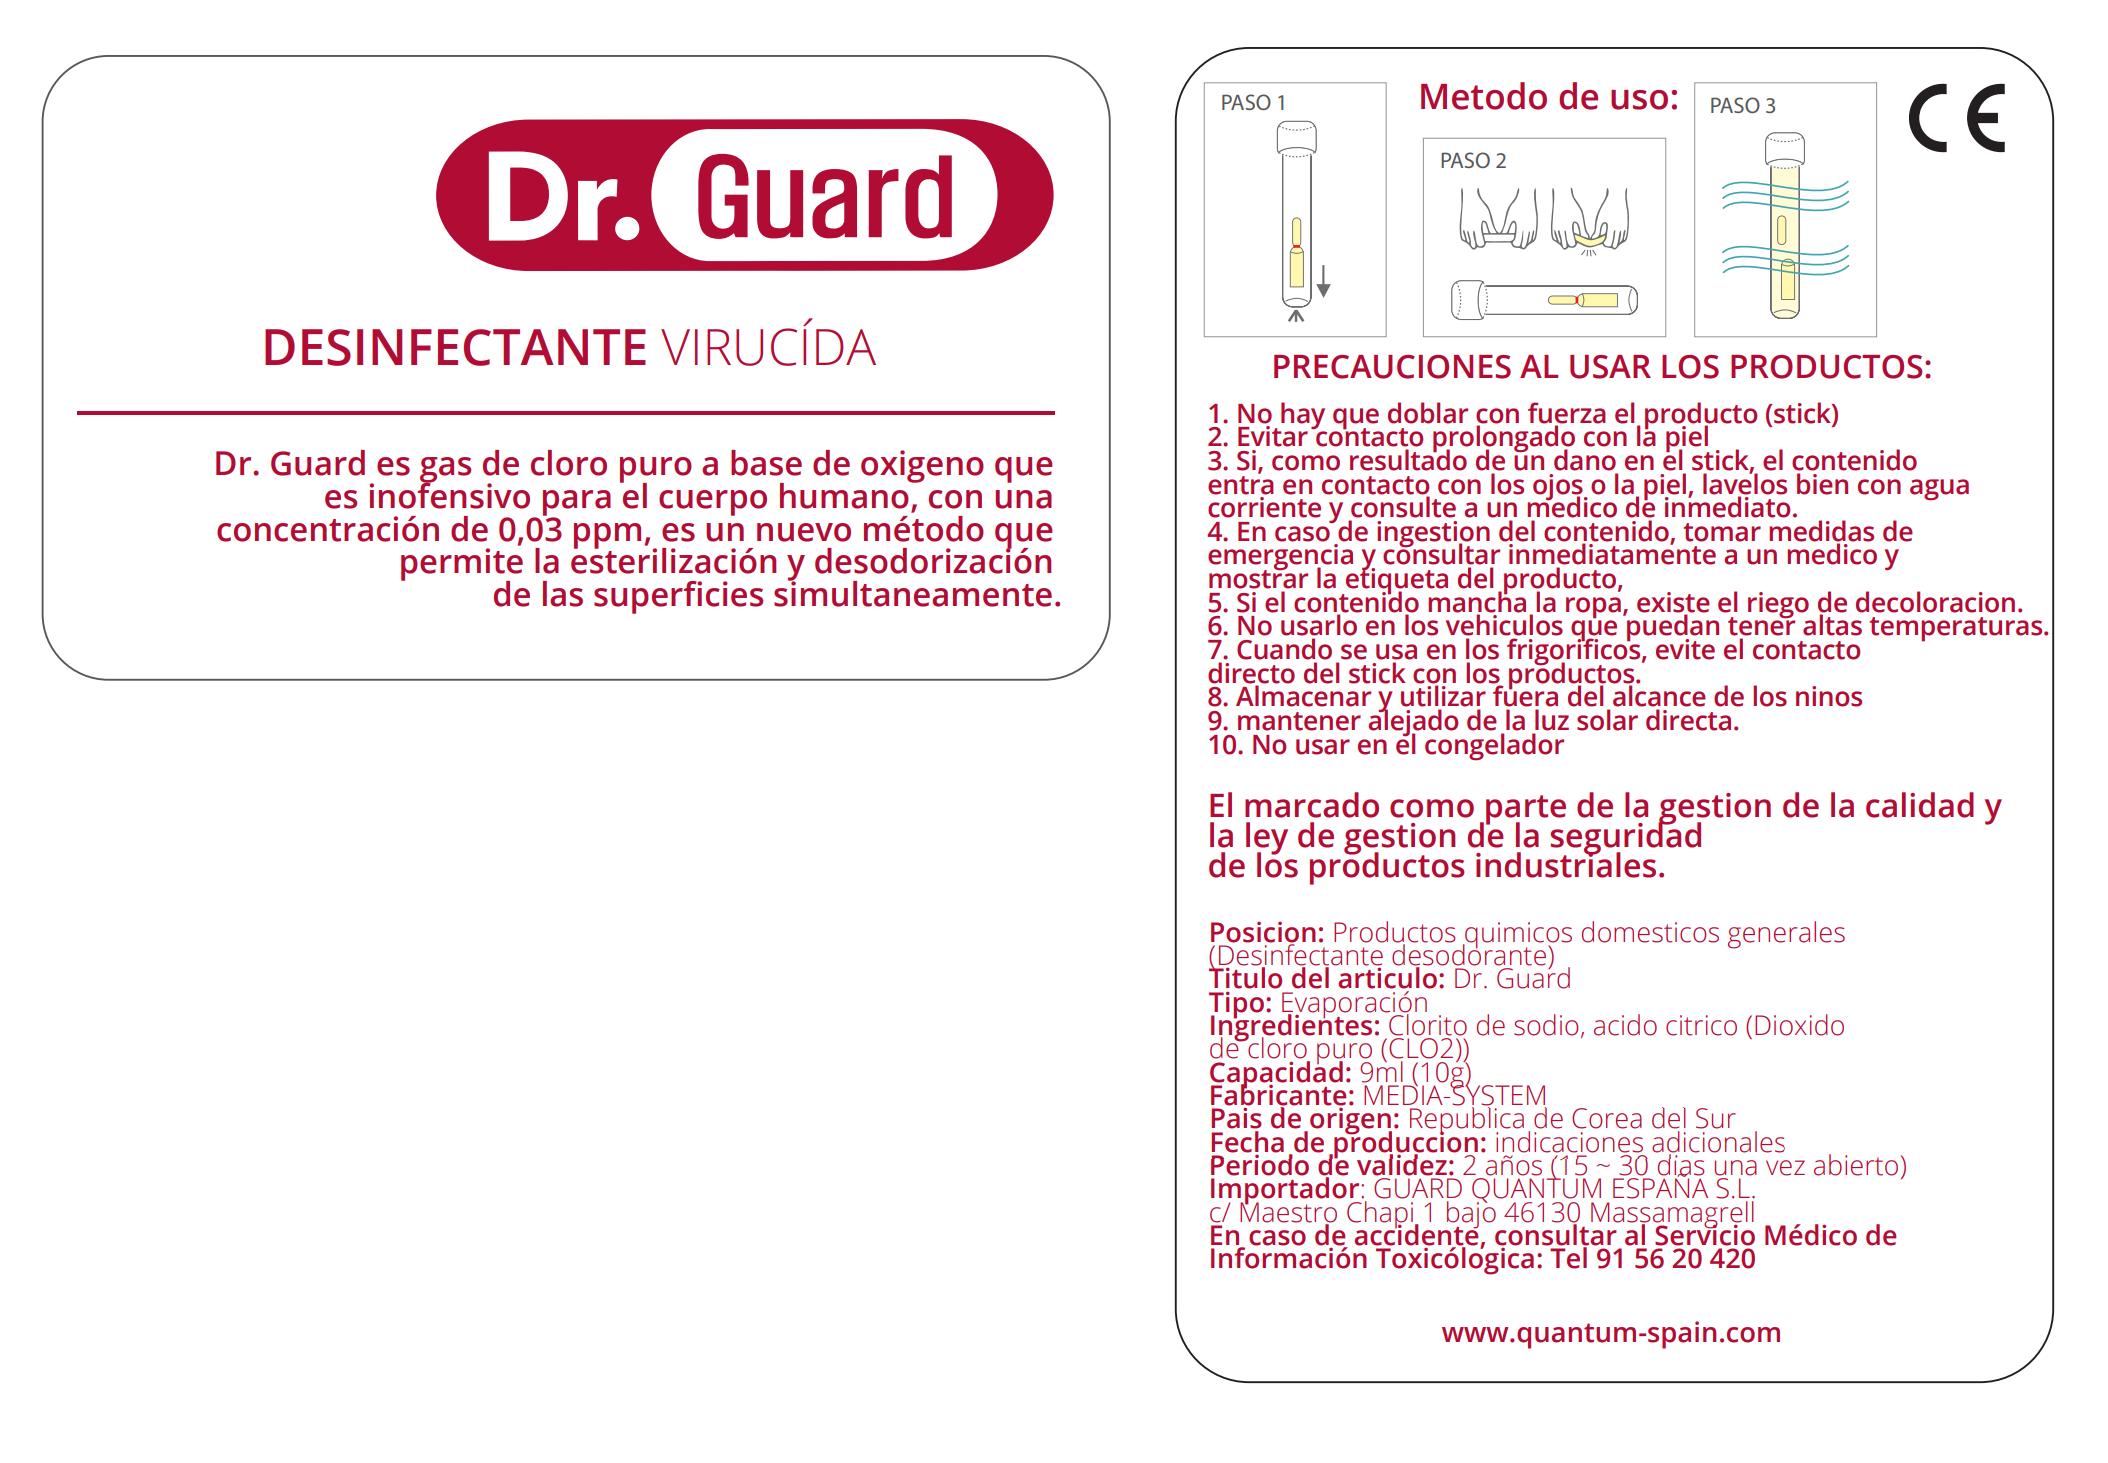 Descripción detallada de las prestaciones del dispositivo Doctor Guard